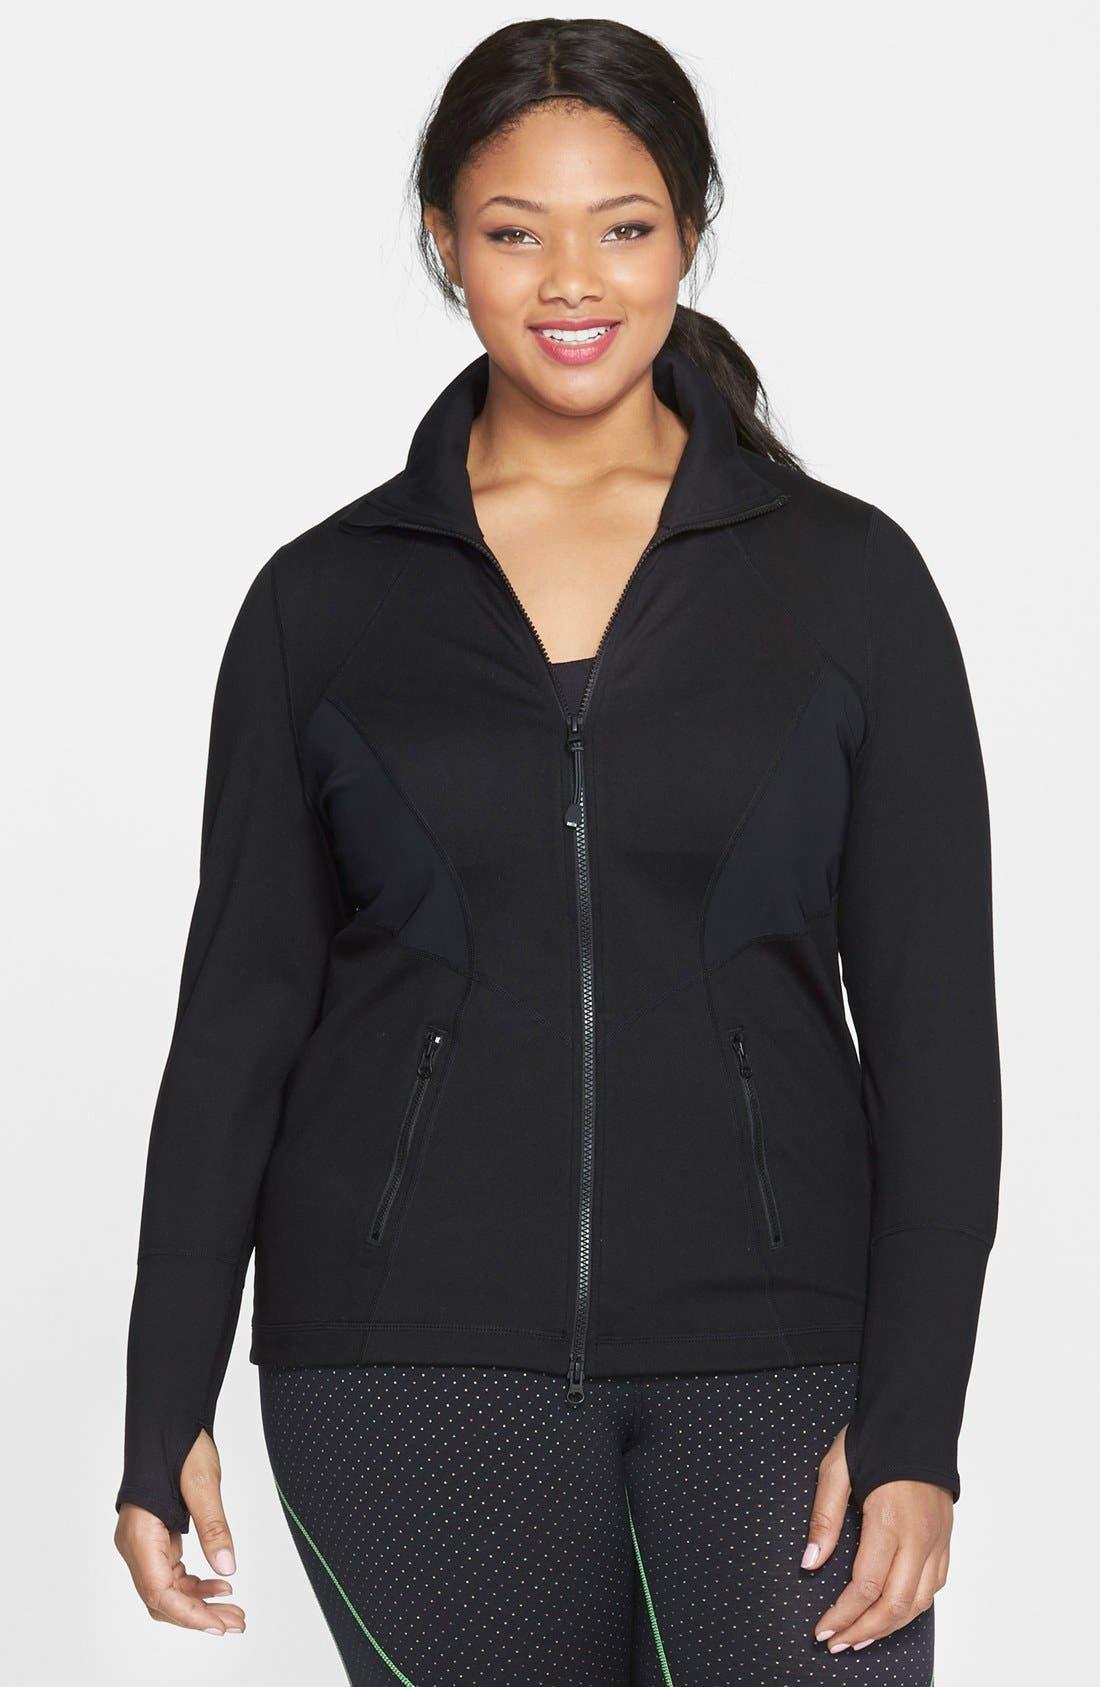 Main Image - Zella 'Stamina' Jacket (Plus Size)